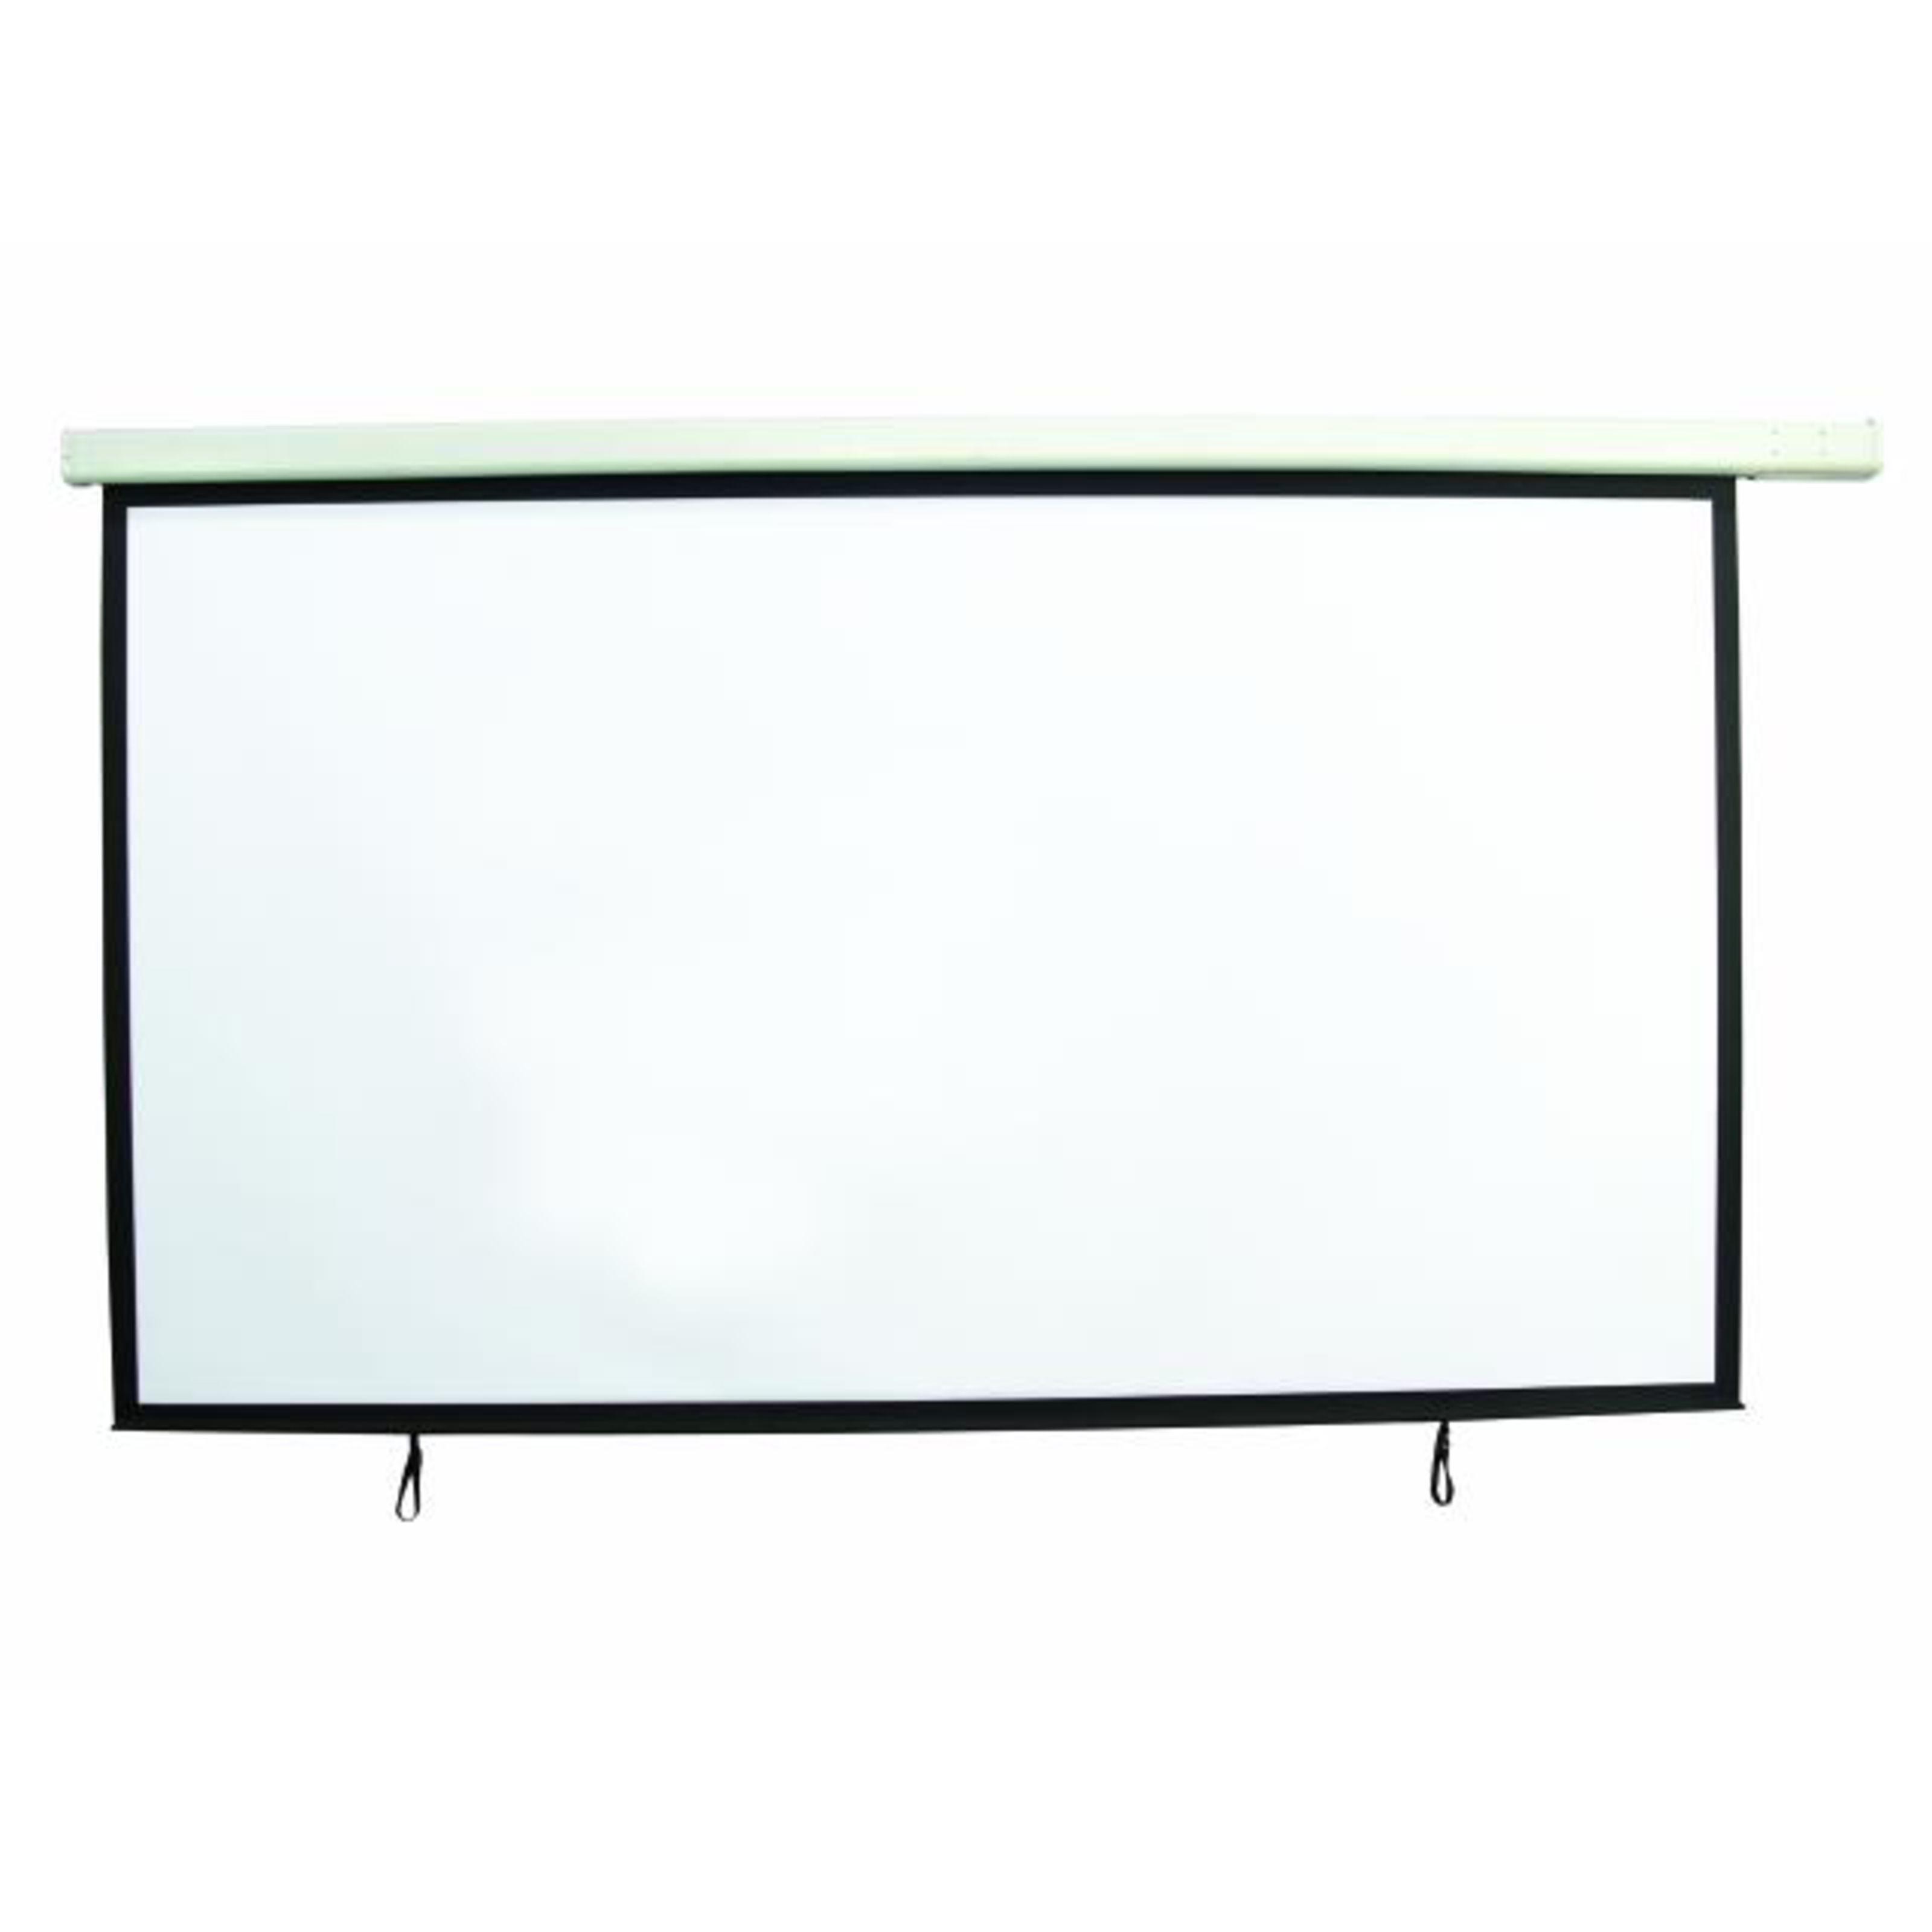 eurolite motorized screen ir 16 9 240 x